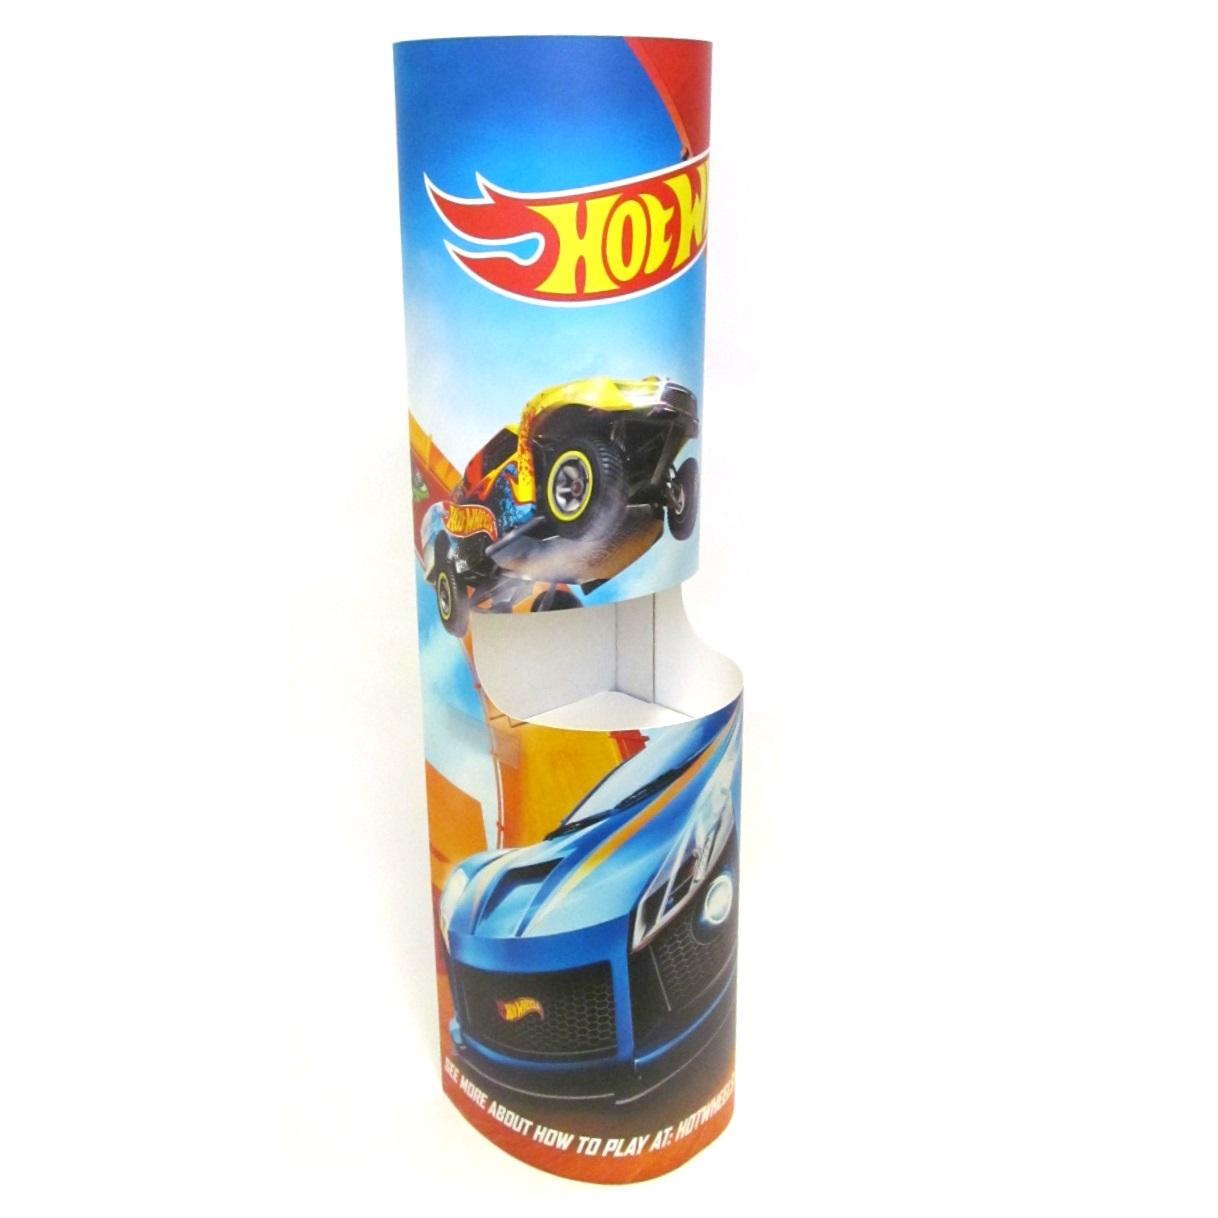 Wheels Up Cost Per Hour >> Hotwheels Dumpbin – WWW.KENTONINSTORE.CO.UK